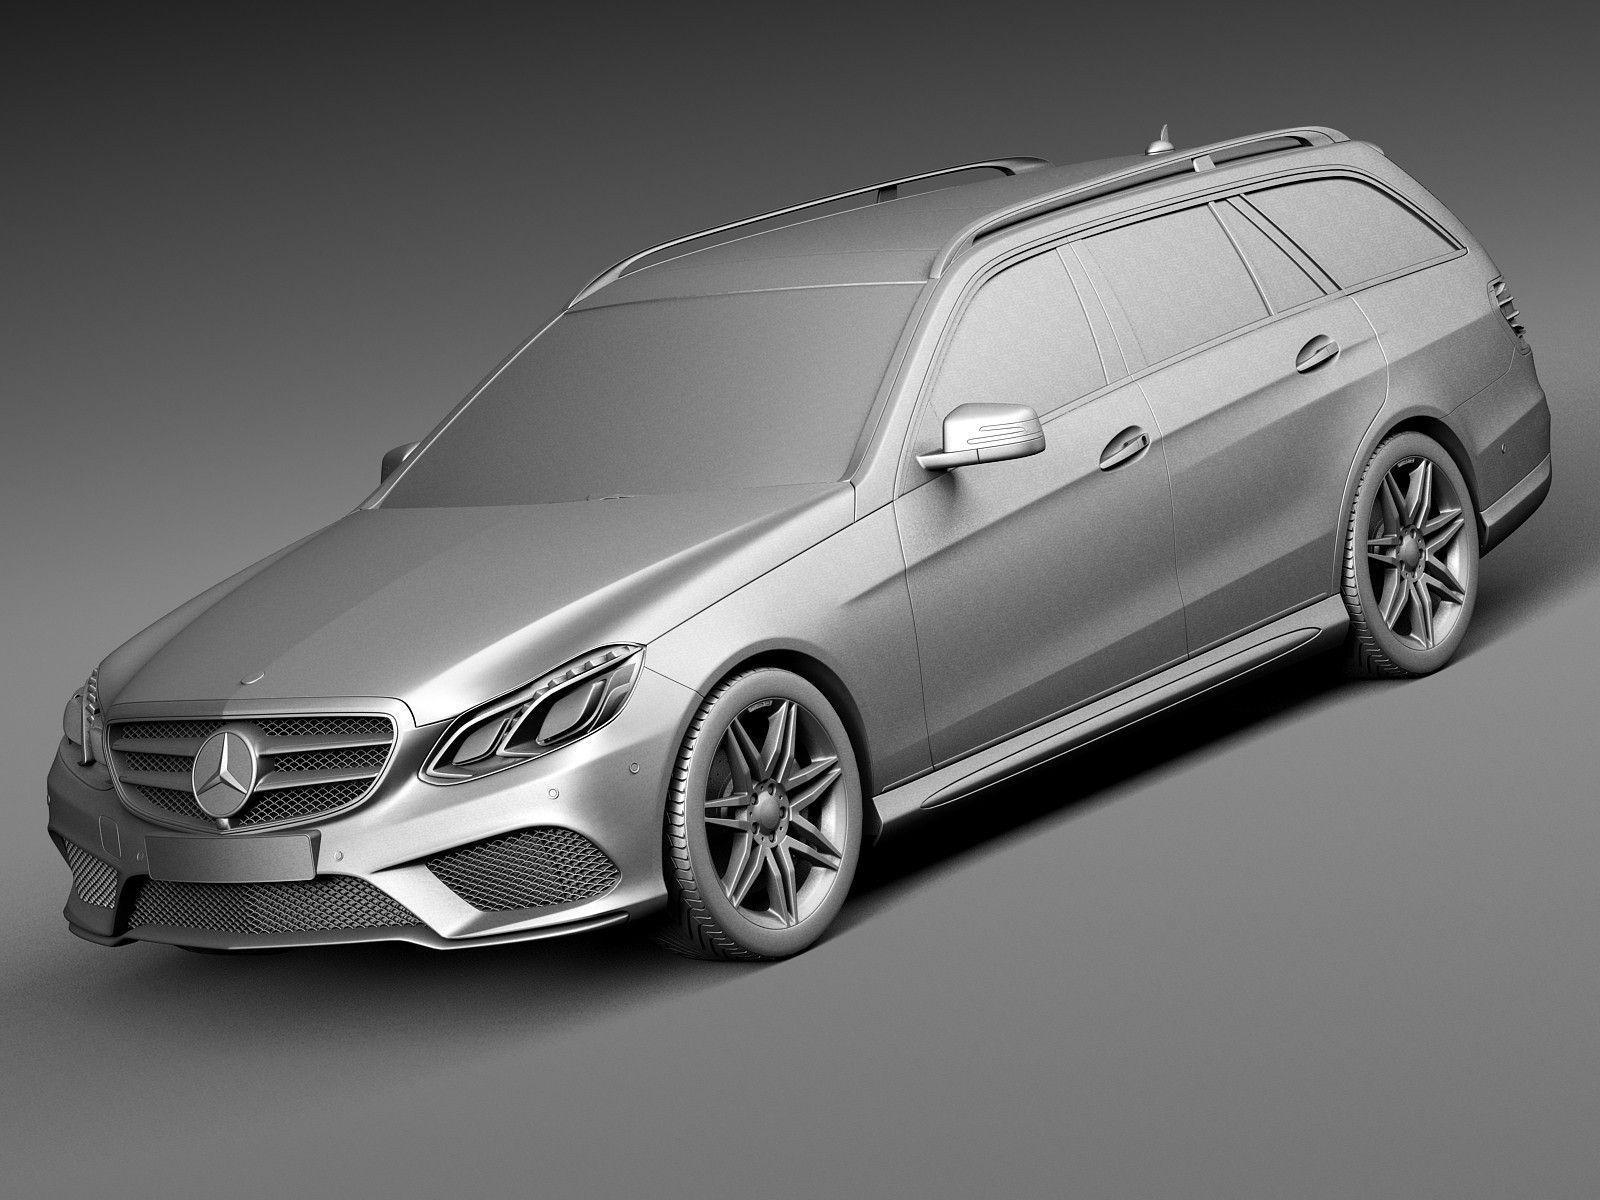 Mercedes benz e class amg estate 2015 3d model max obj 3ds for Mercedes benz 2015 models